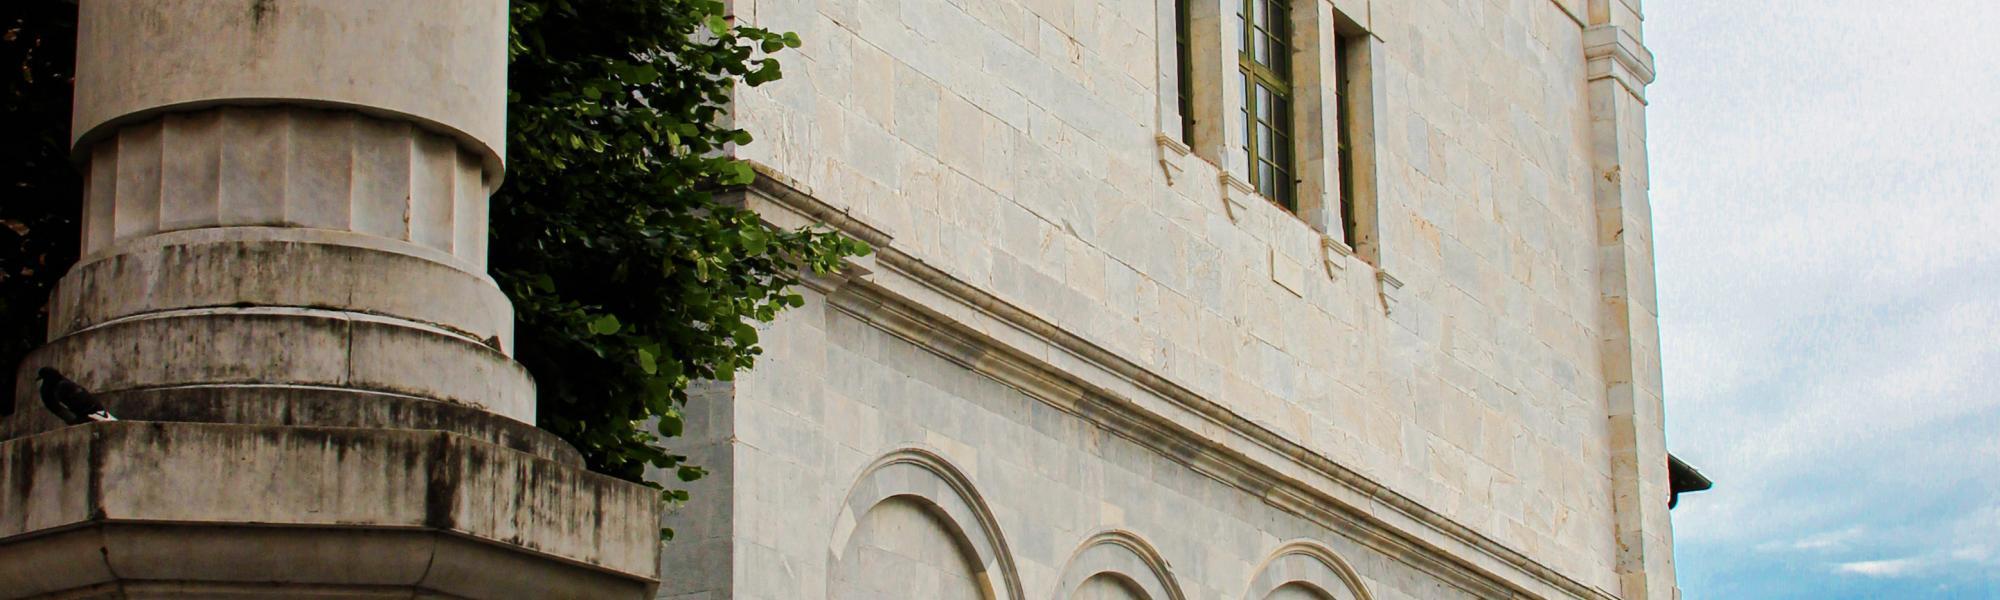 Scorcio facciata - Chiesa di San Martino (G. Bettini, Comune di Pisa)